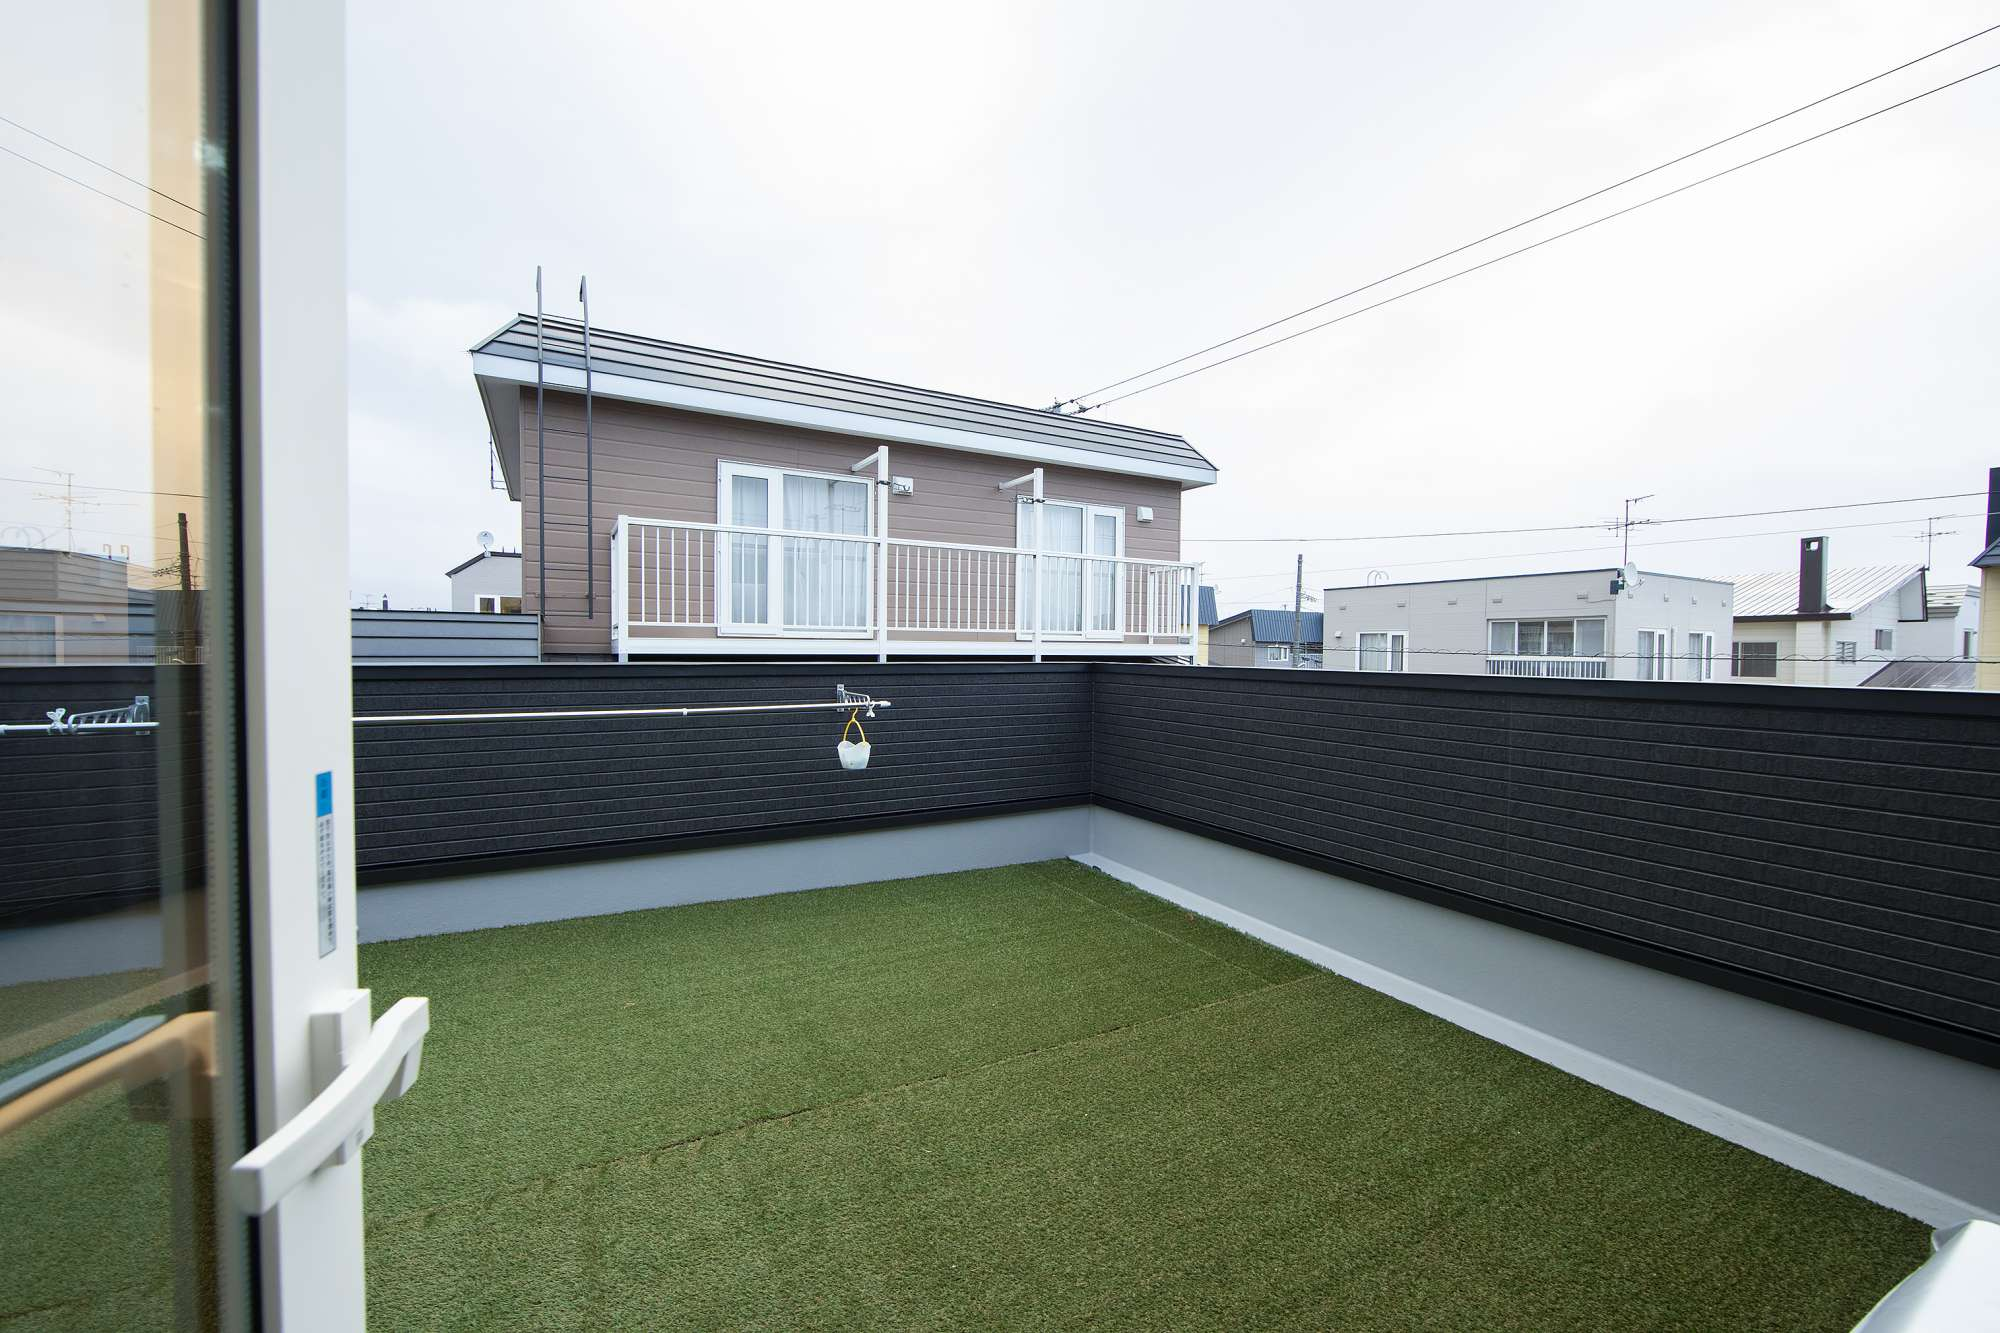 広々とした2階のテラス - ガレージの屋根を活かしてテラスを設計。洗濯物を心地よく干せるほか、家族の憩いの場として使われています -  -